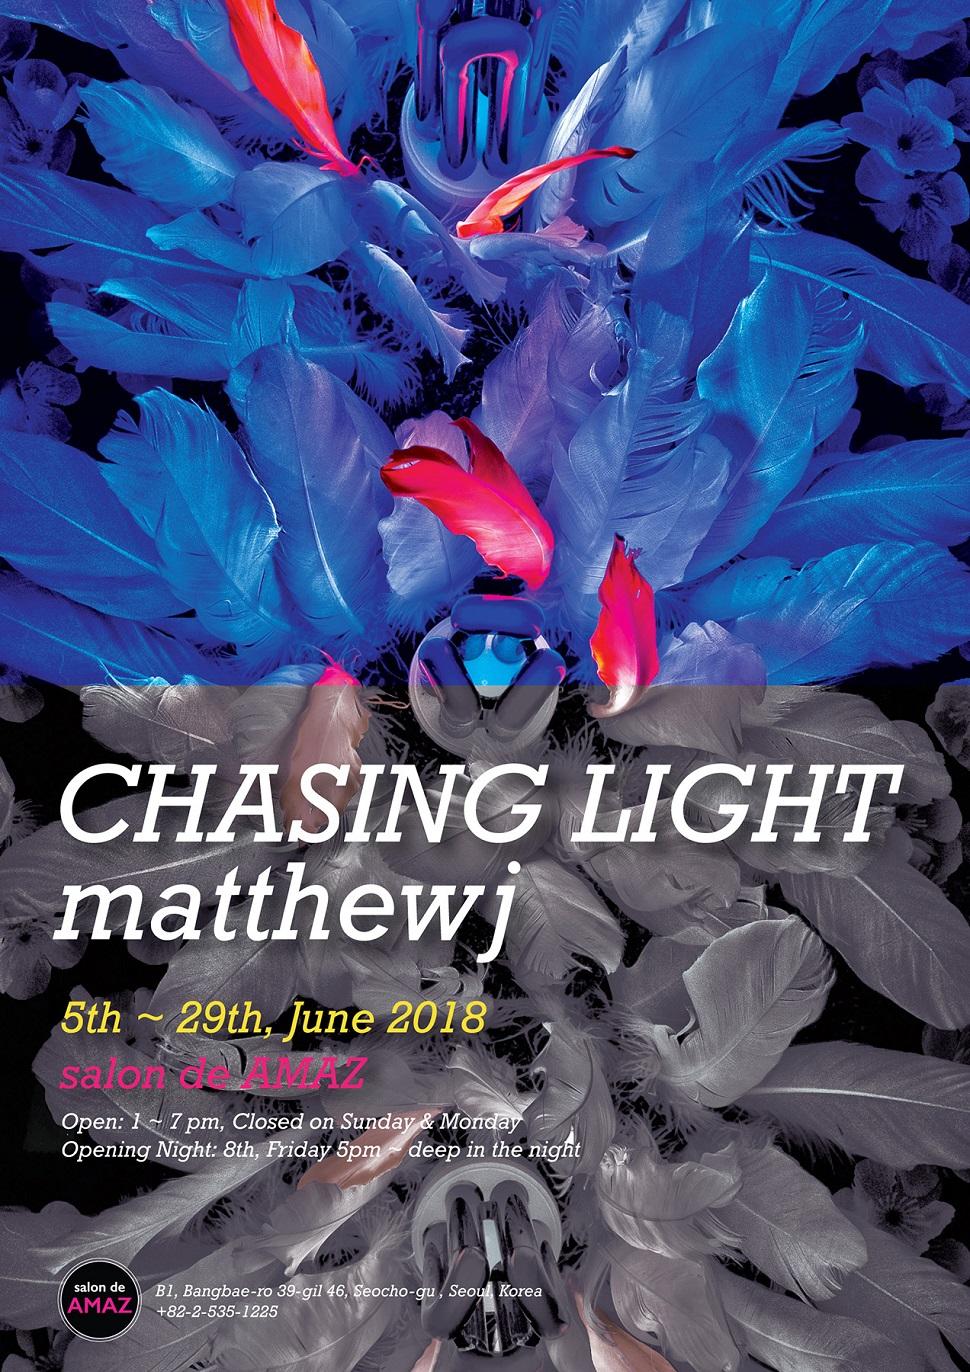 매튜제이(matthewj) chasing light 展(사진제공: 살롱드어메즈(Salon de AMAZ)